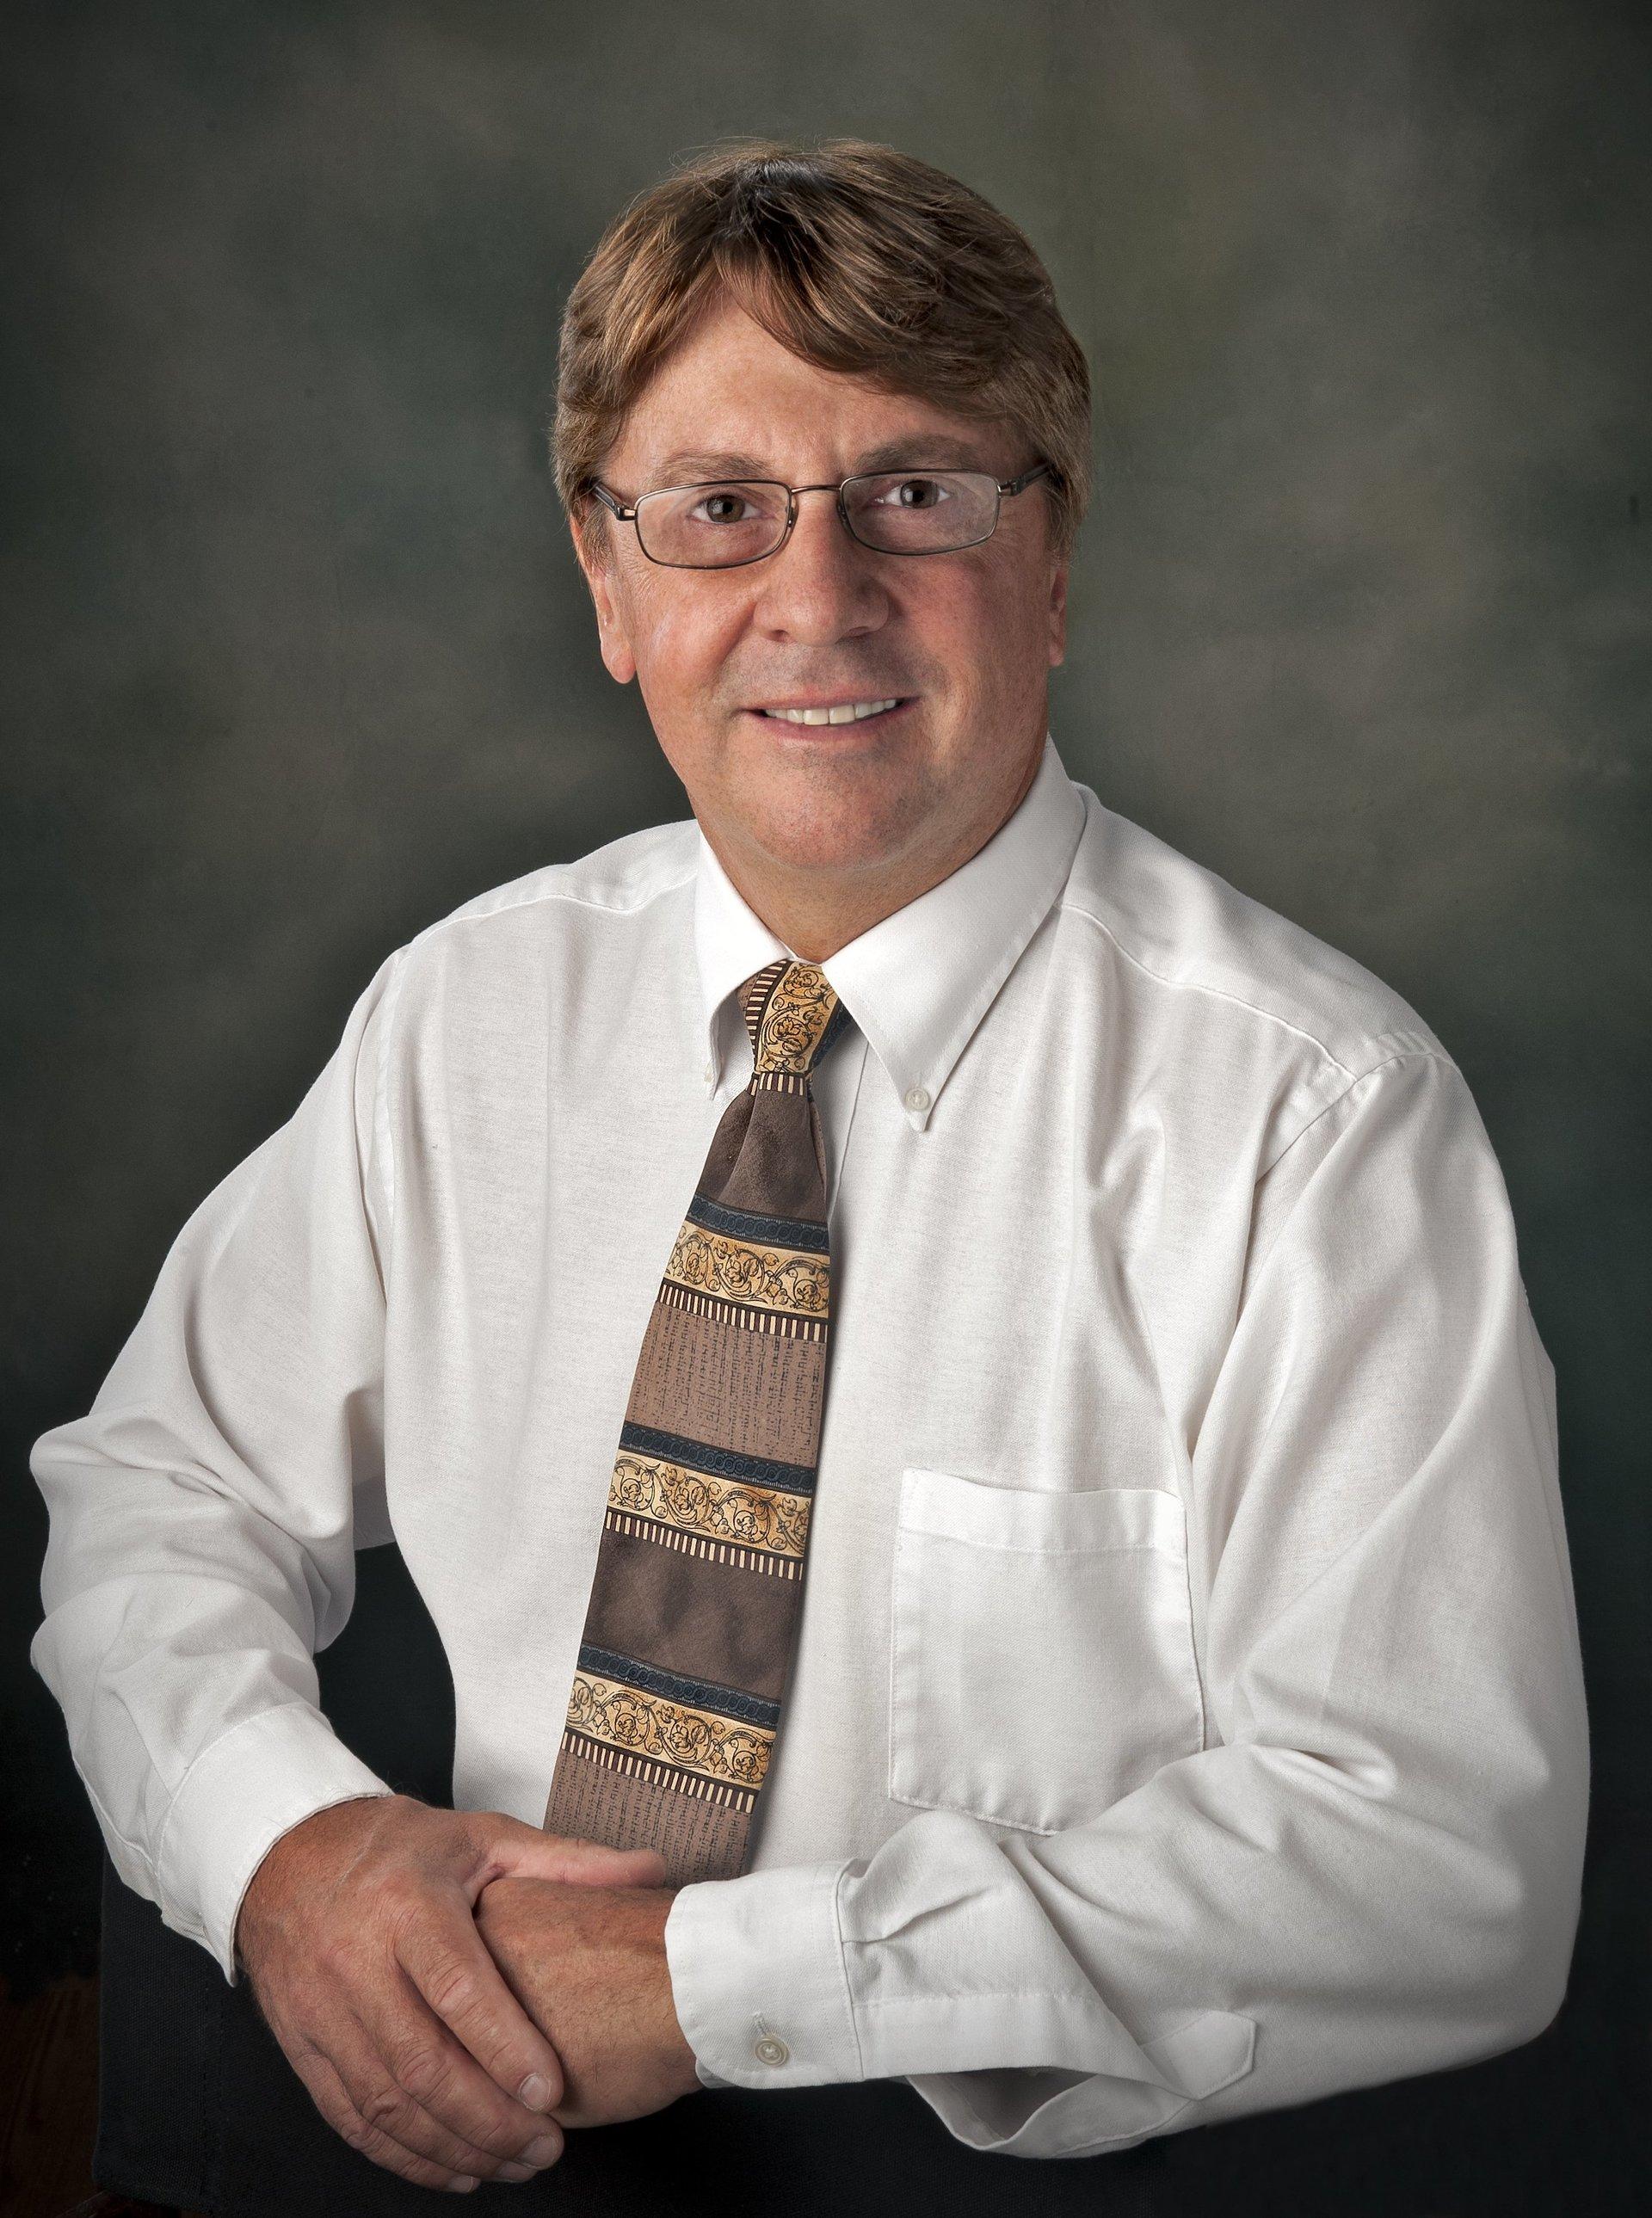 Dr. David W. Boers, DDS, PA